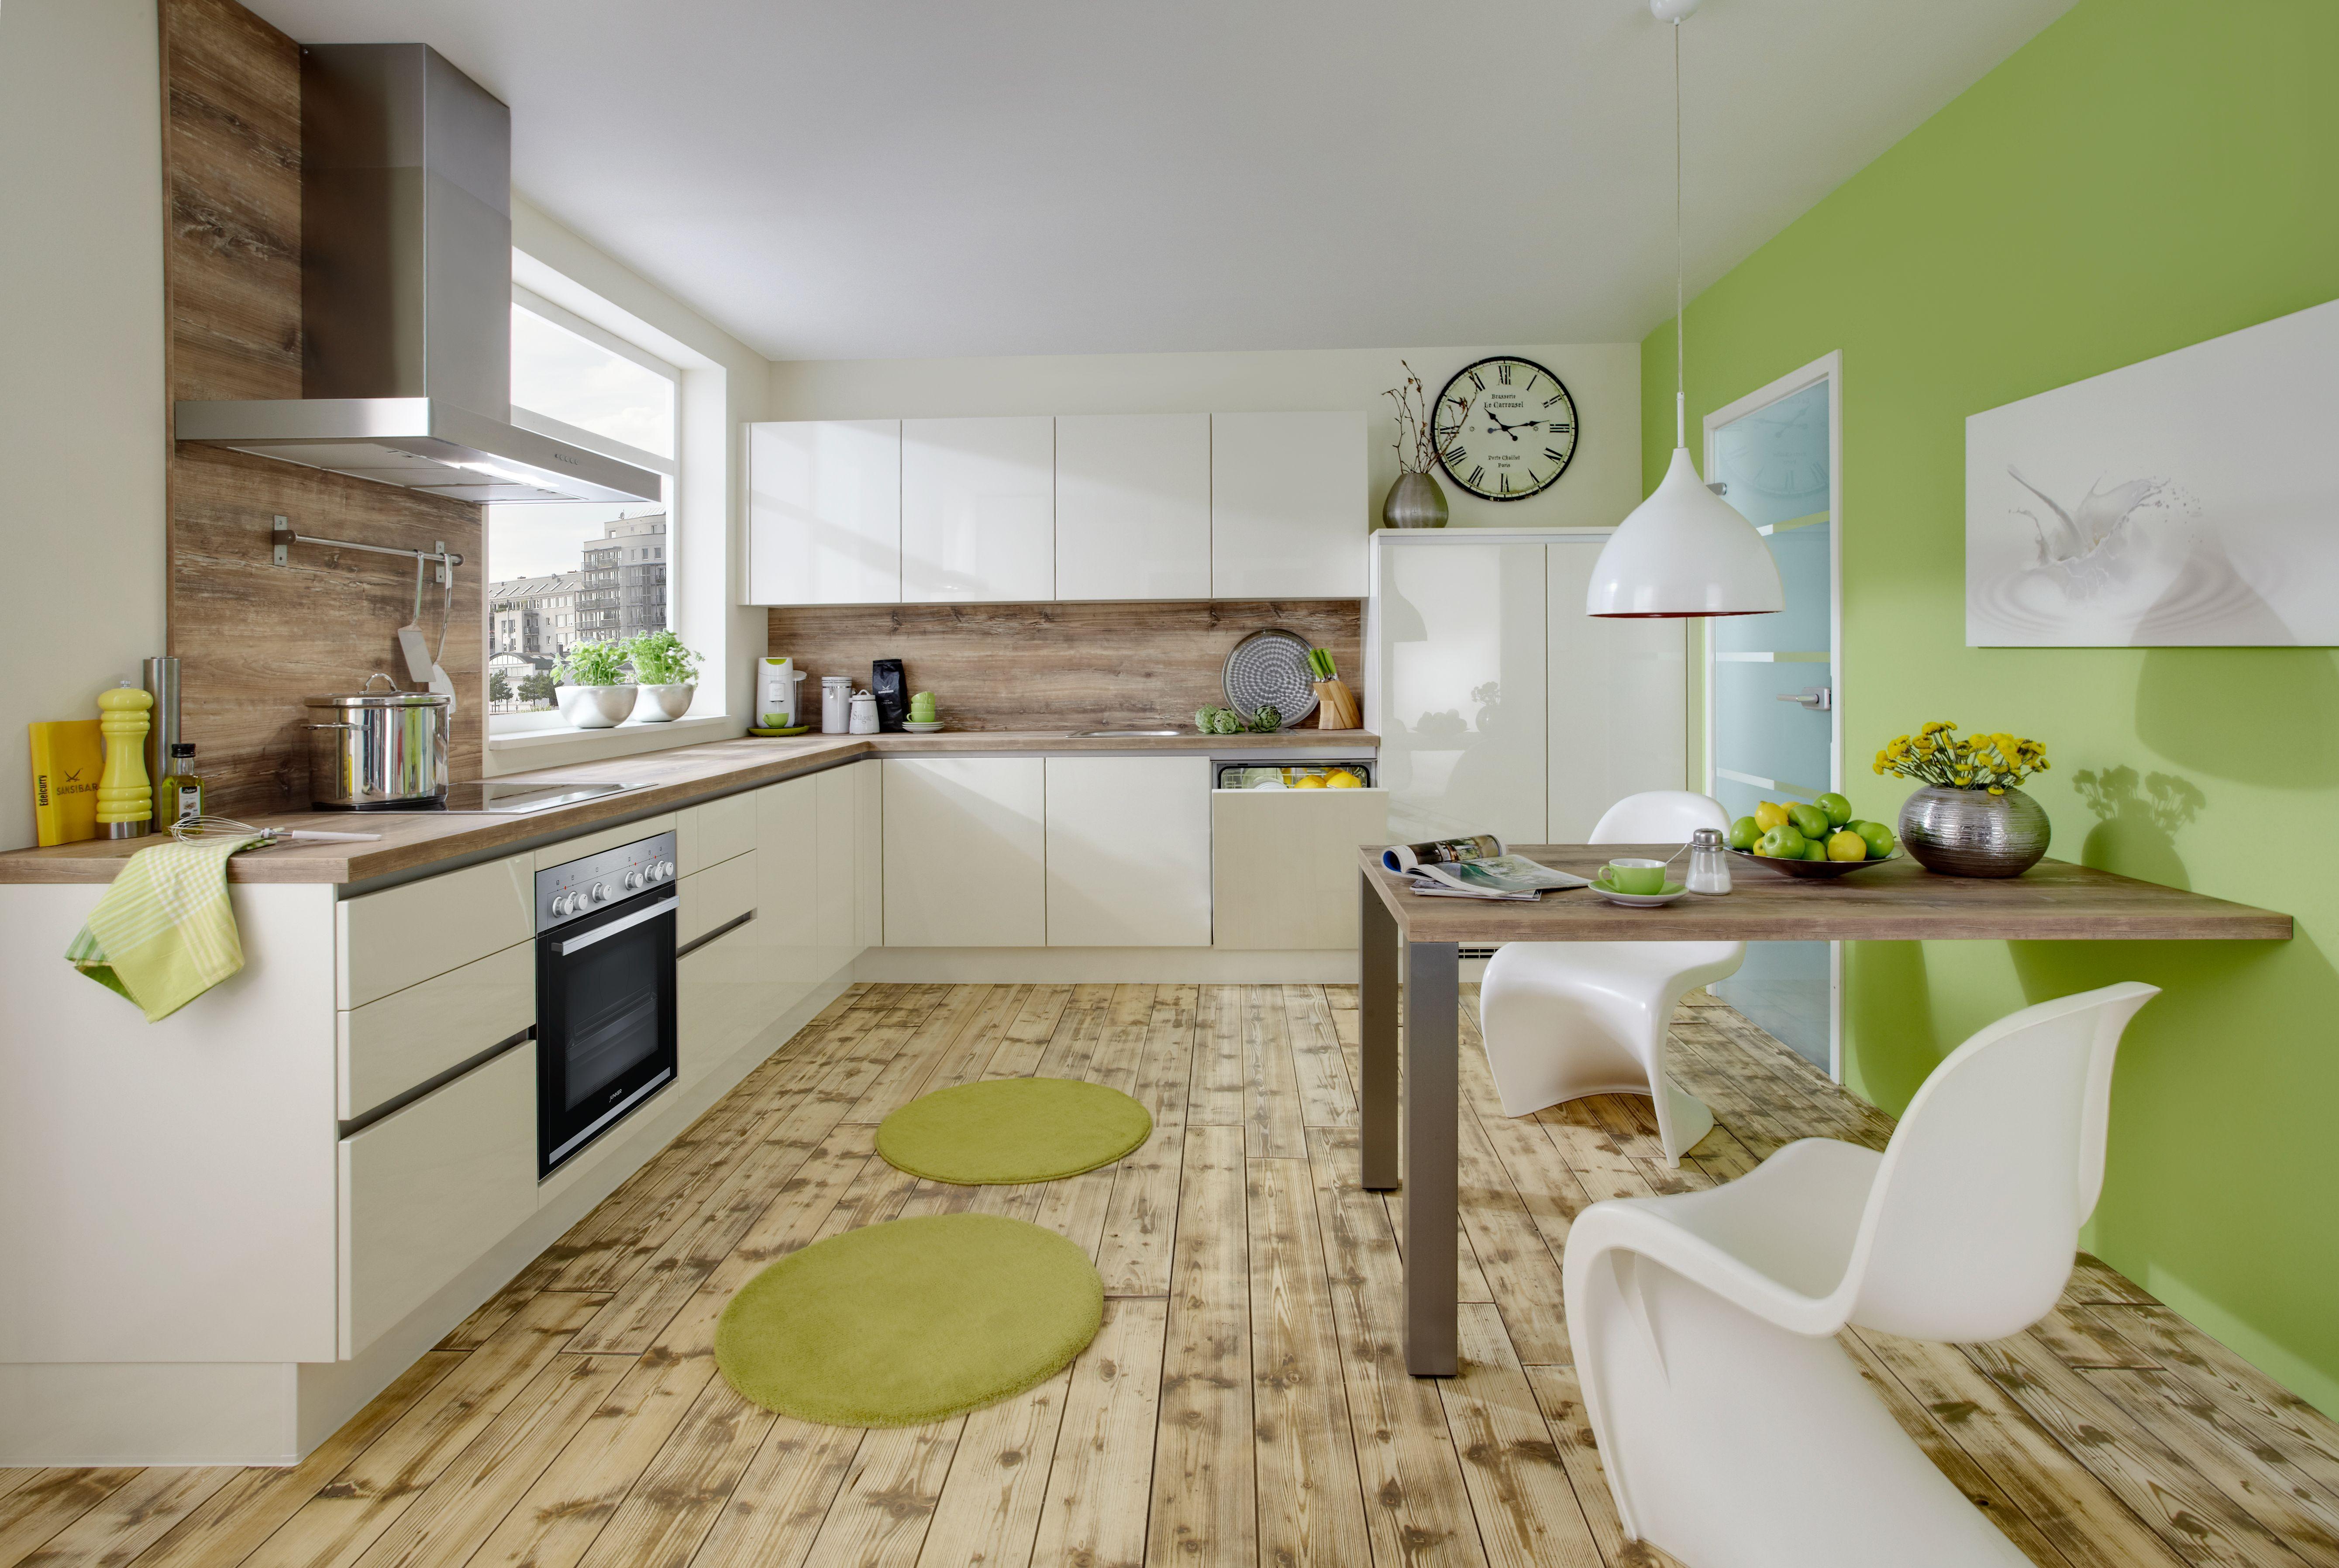 Bevorzugt Küchenboden: Welcher Belag eignet sich für die Küche? OC54